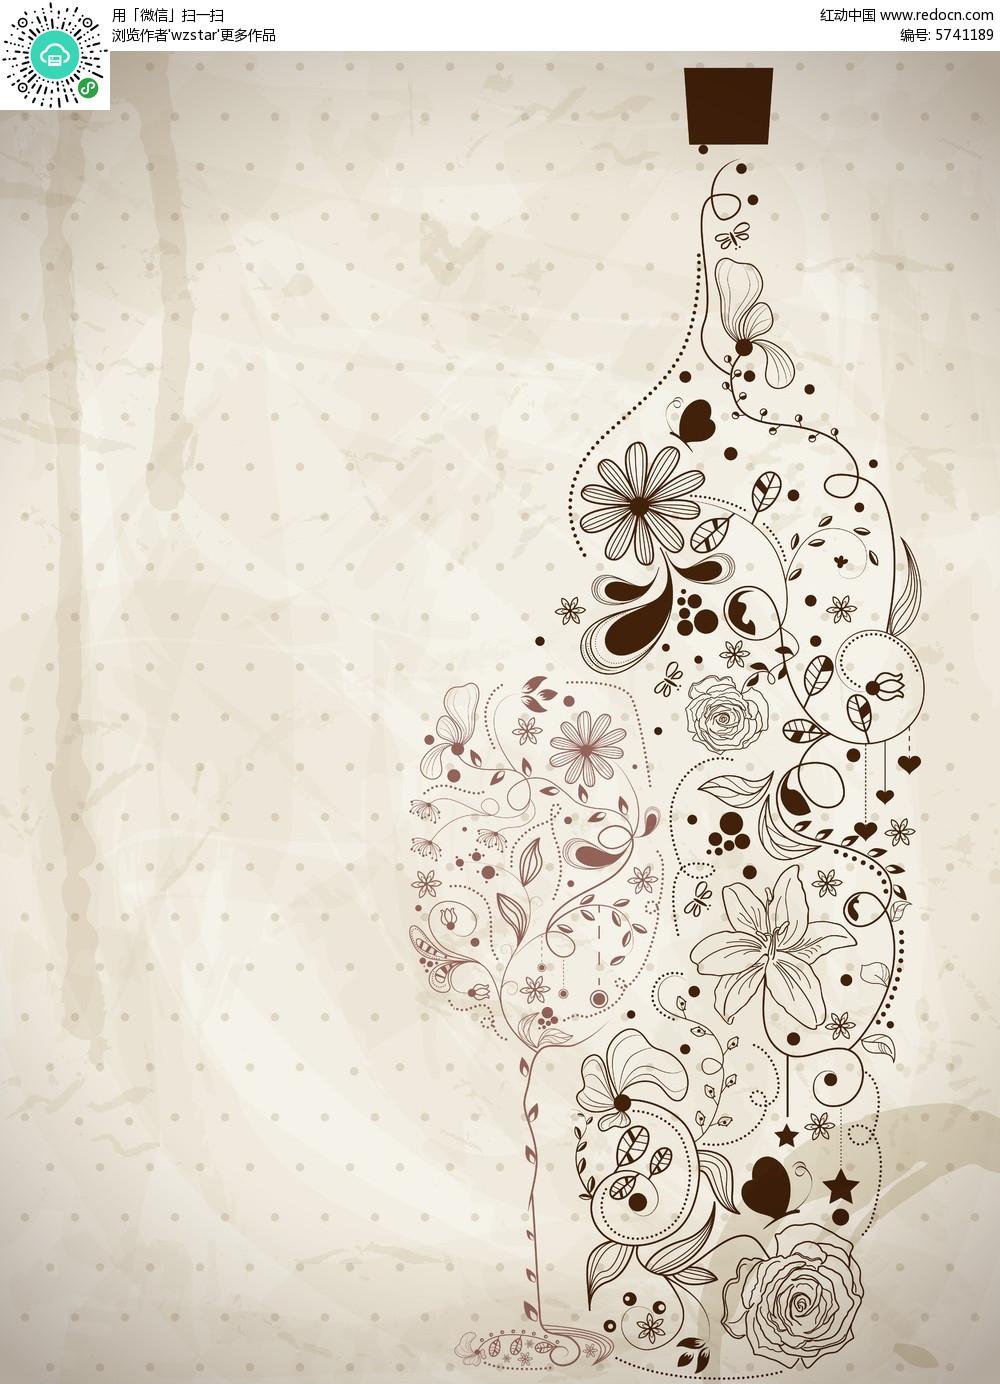 手绘精致花纹背景素材